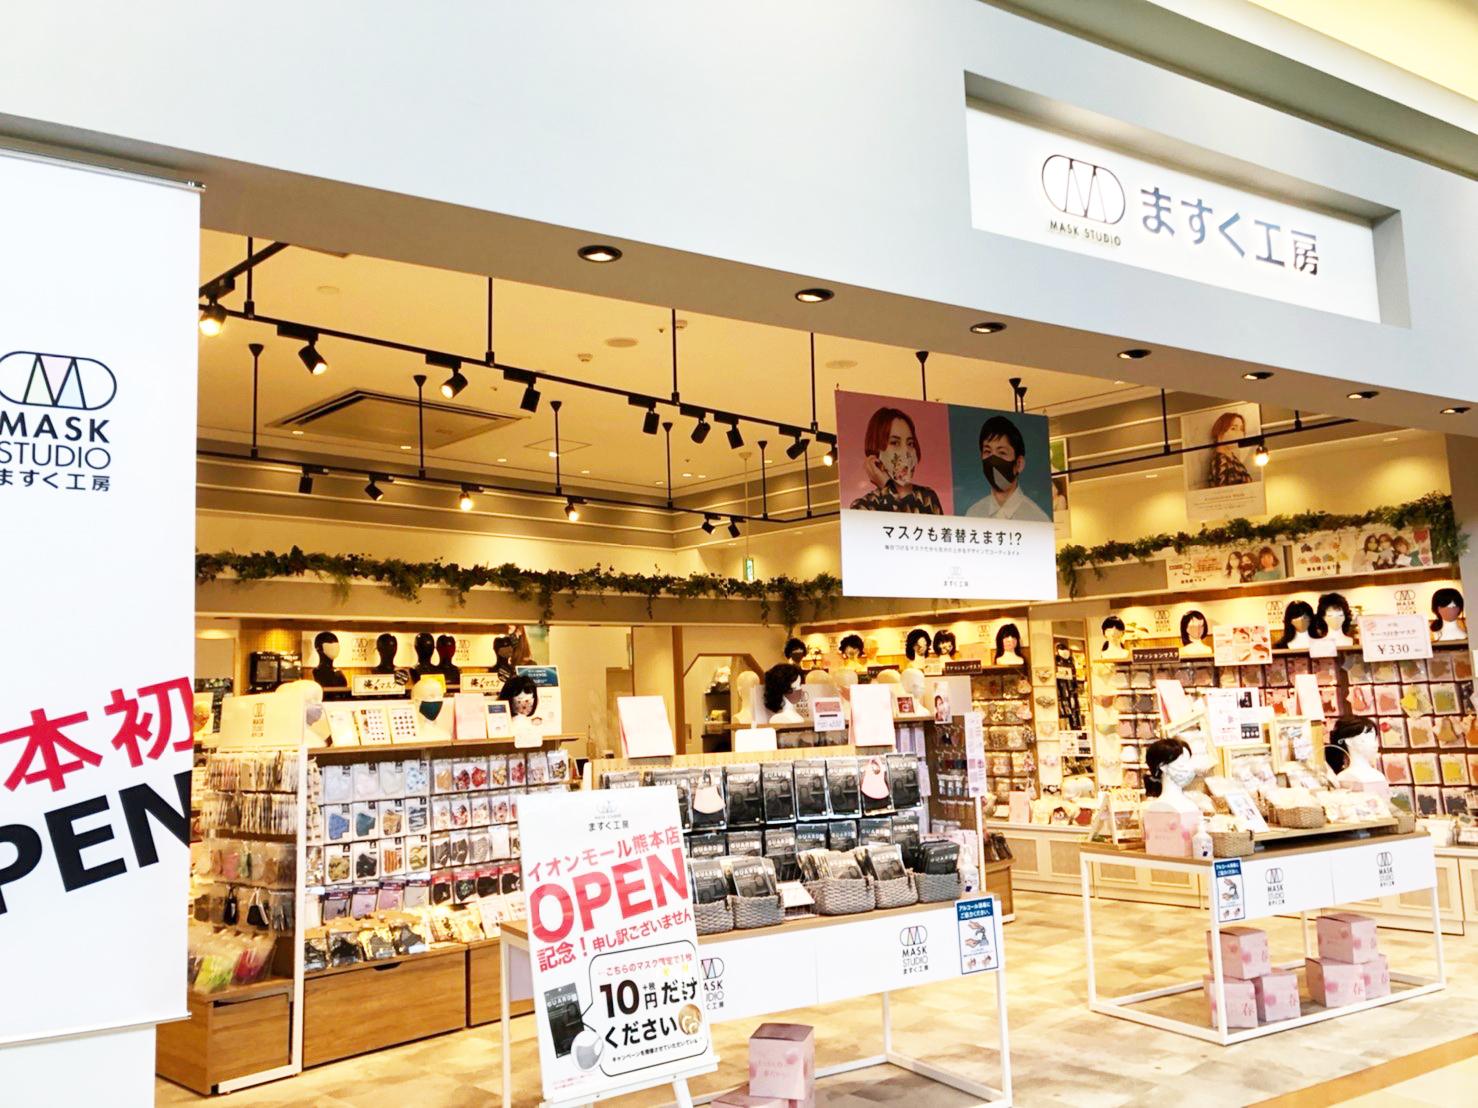 イオンモール熊本店オープン!